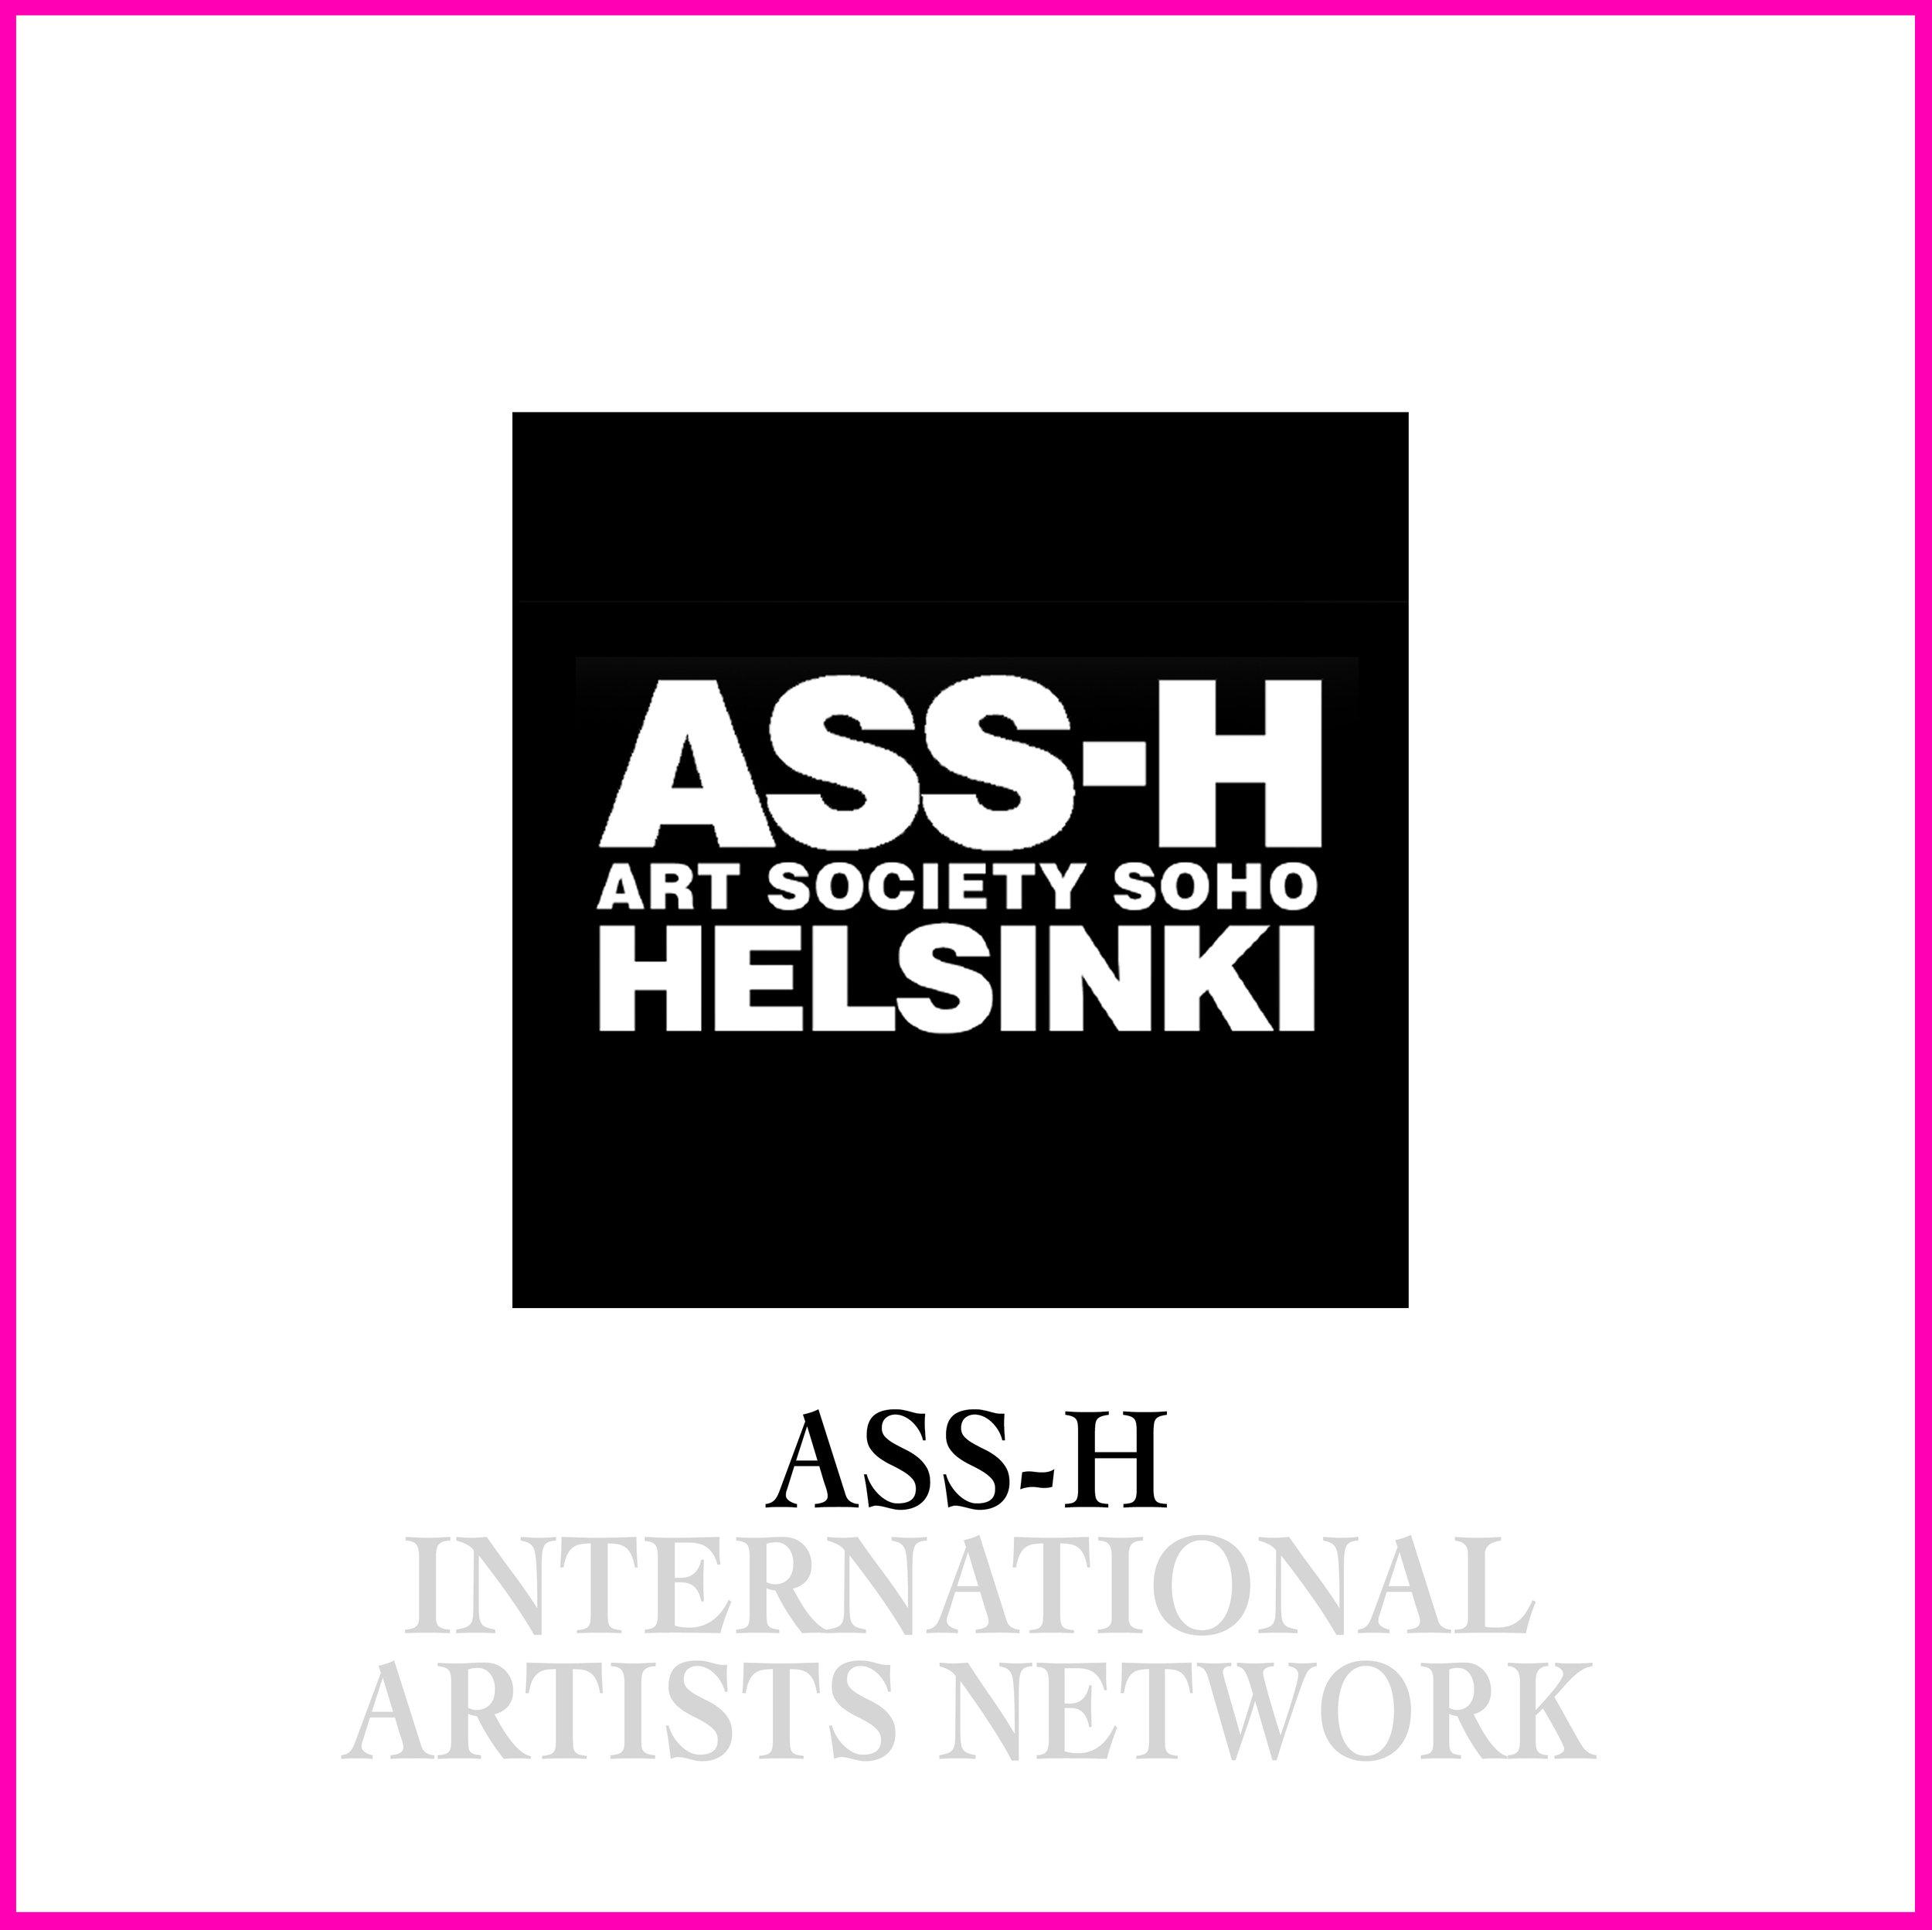 ASSH_.jpg